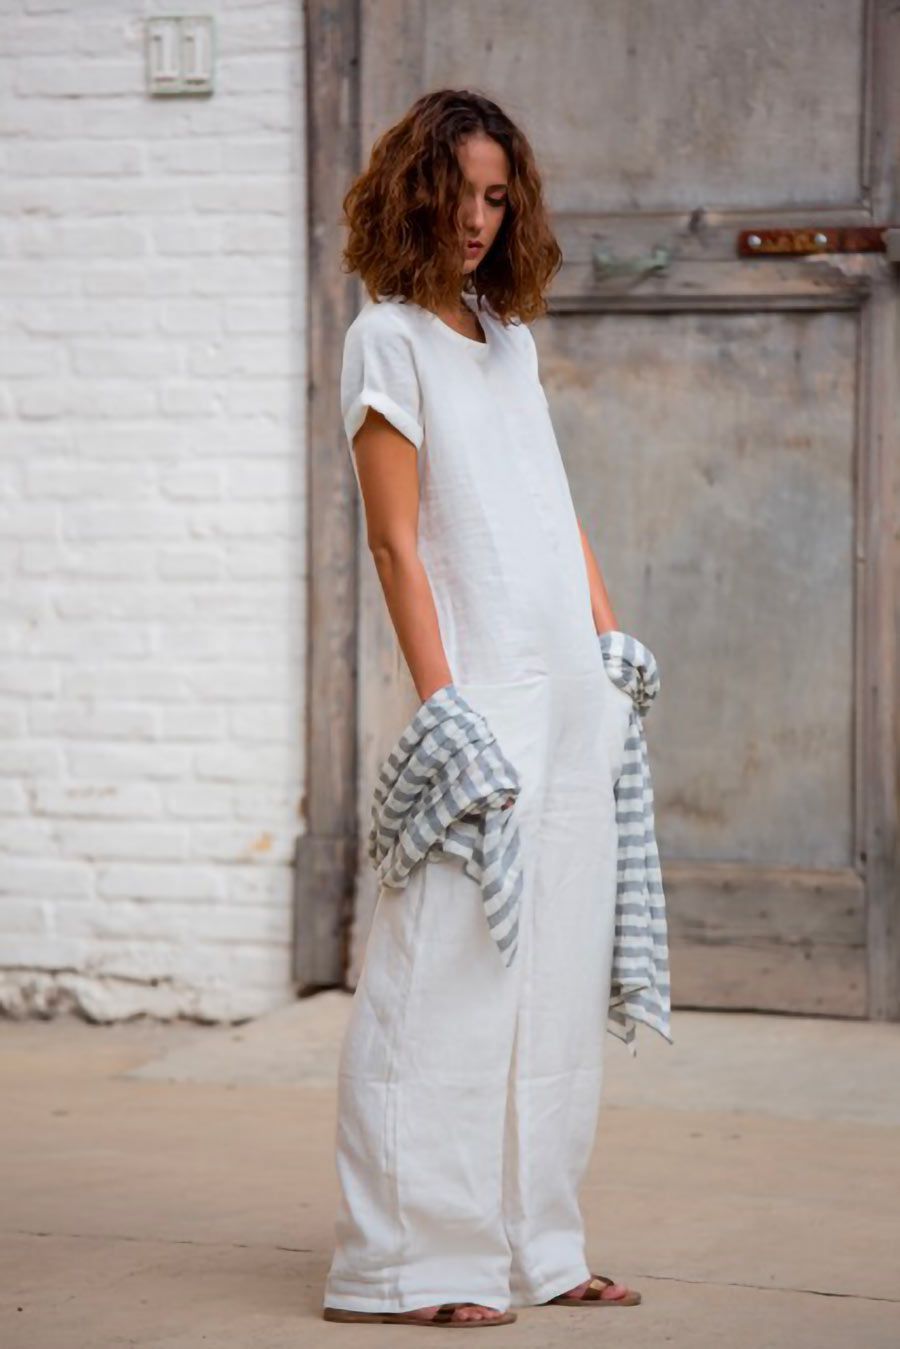 modella per servizi fotografici di gioielli, beachwear e abiti da sposa